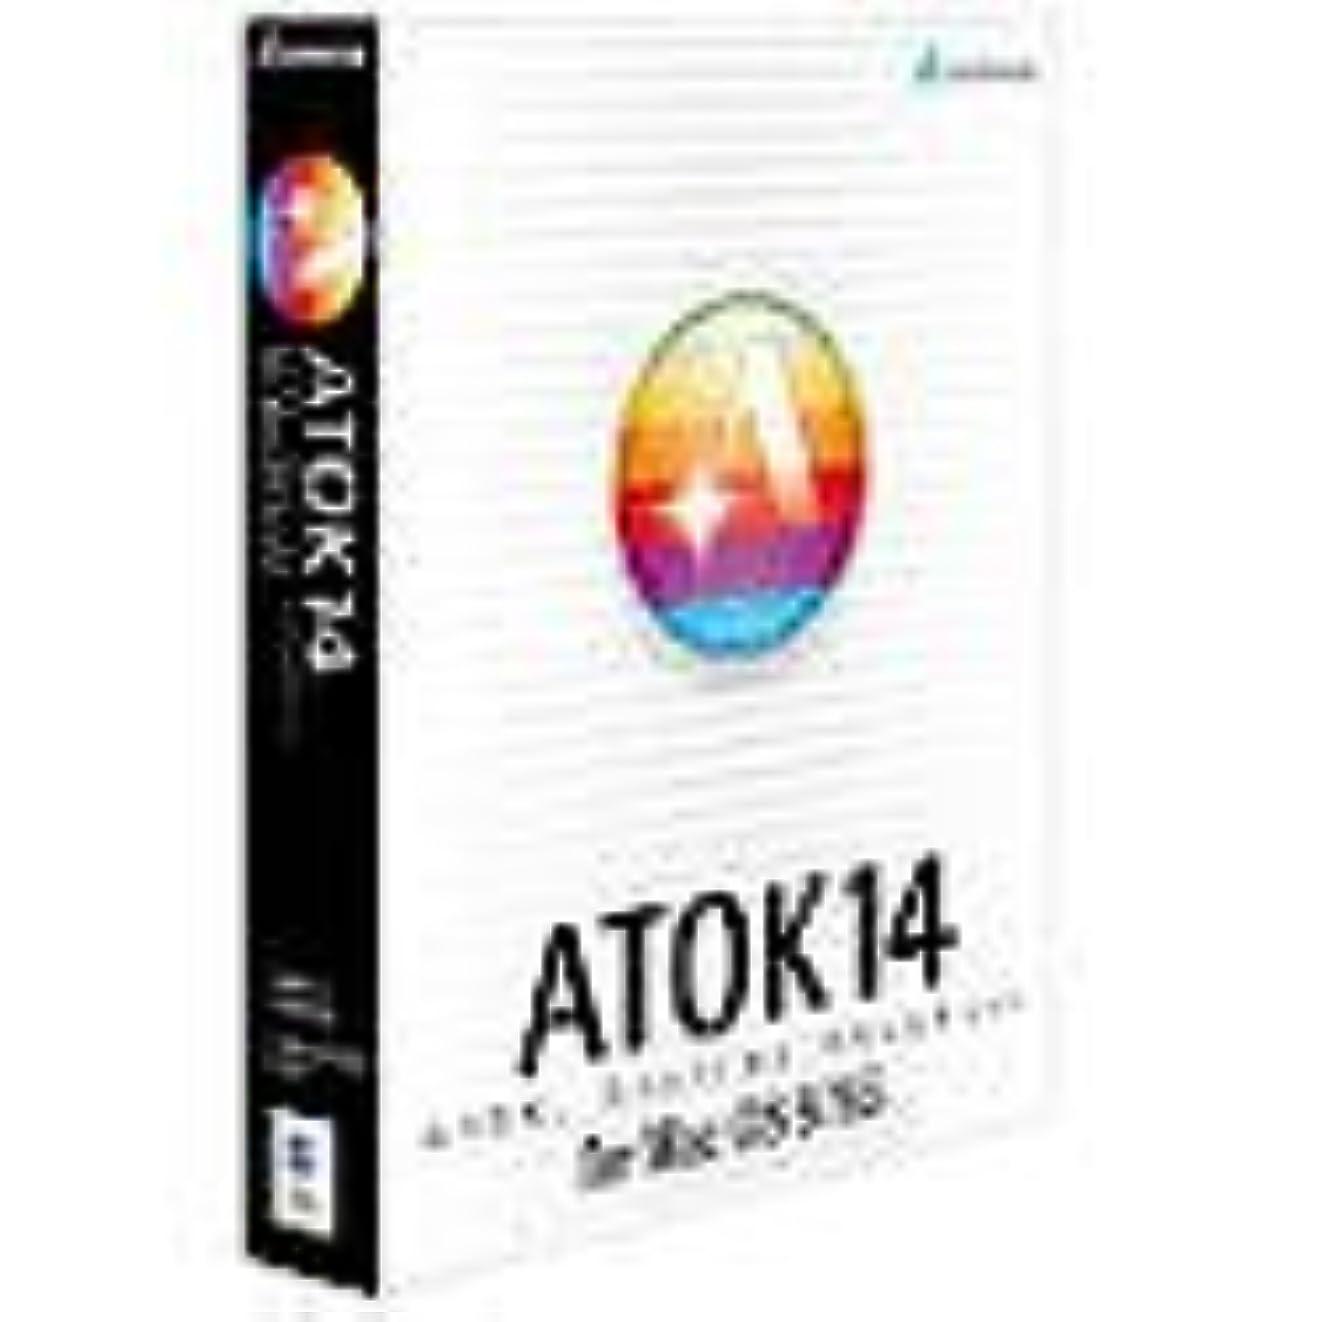 うねるサラダペダルATOK 14 for MacOS 9/8.6 キャンペーン版